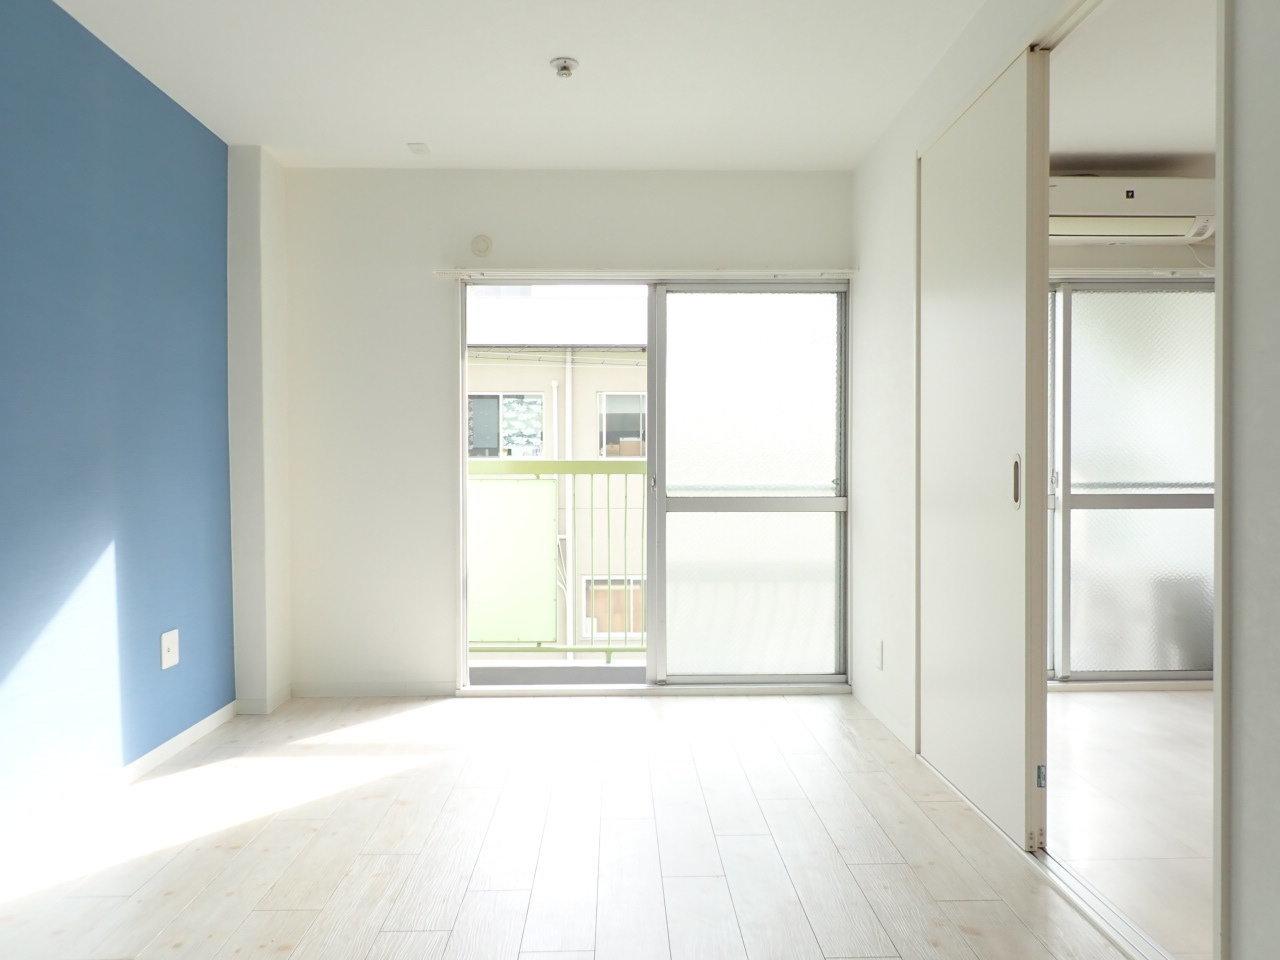 同じく日当たりが良いお部屋がこちら。間取りは2DKで、各部屋に鮮やかな色の壁紙が貼られているのが特徴です。毎回帰るたびに心まで明るくなりそう。